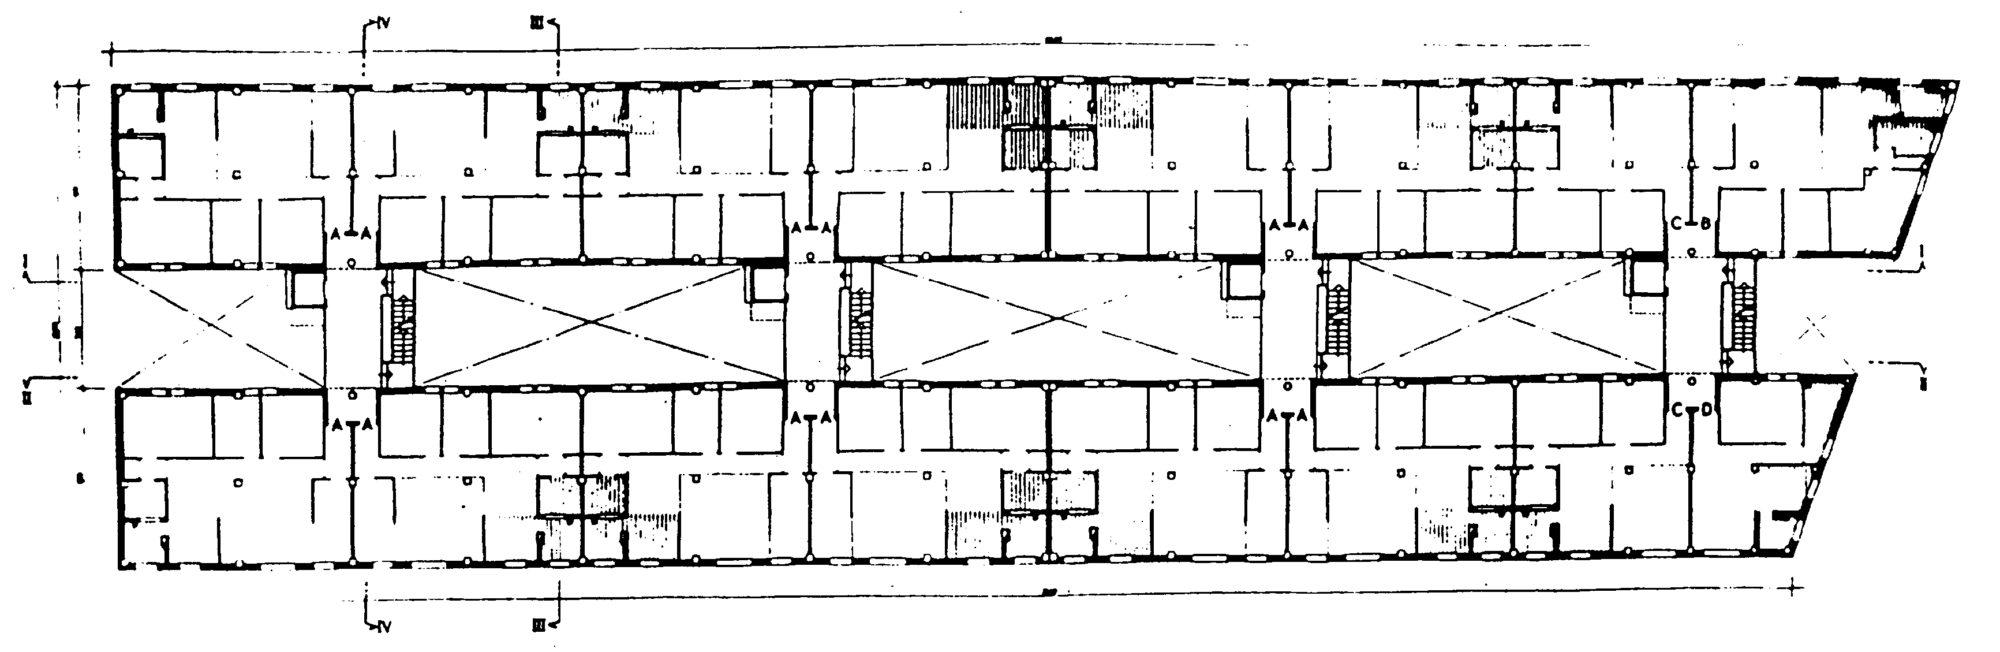 Habitatges plurifamiliars a Pi Molist - Garcés - de Seta - Bonet